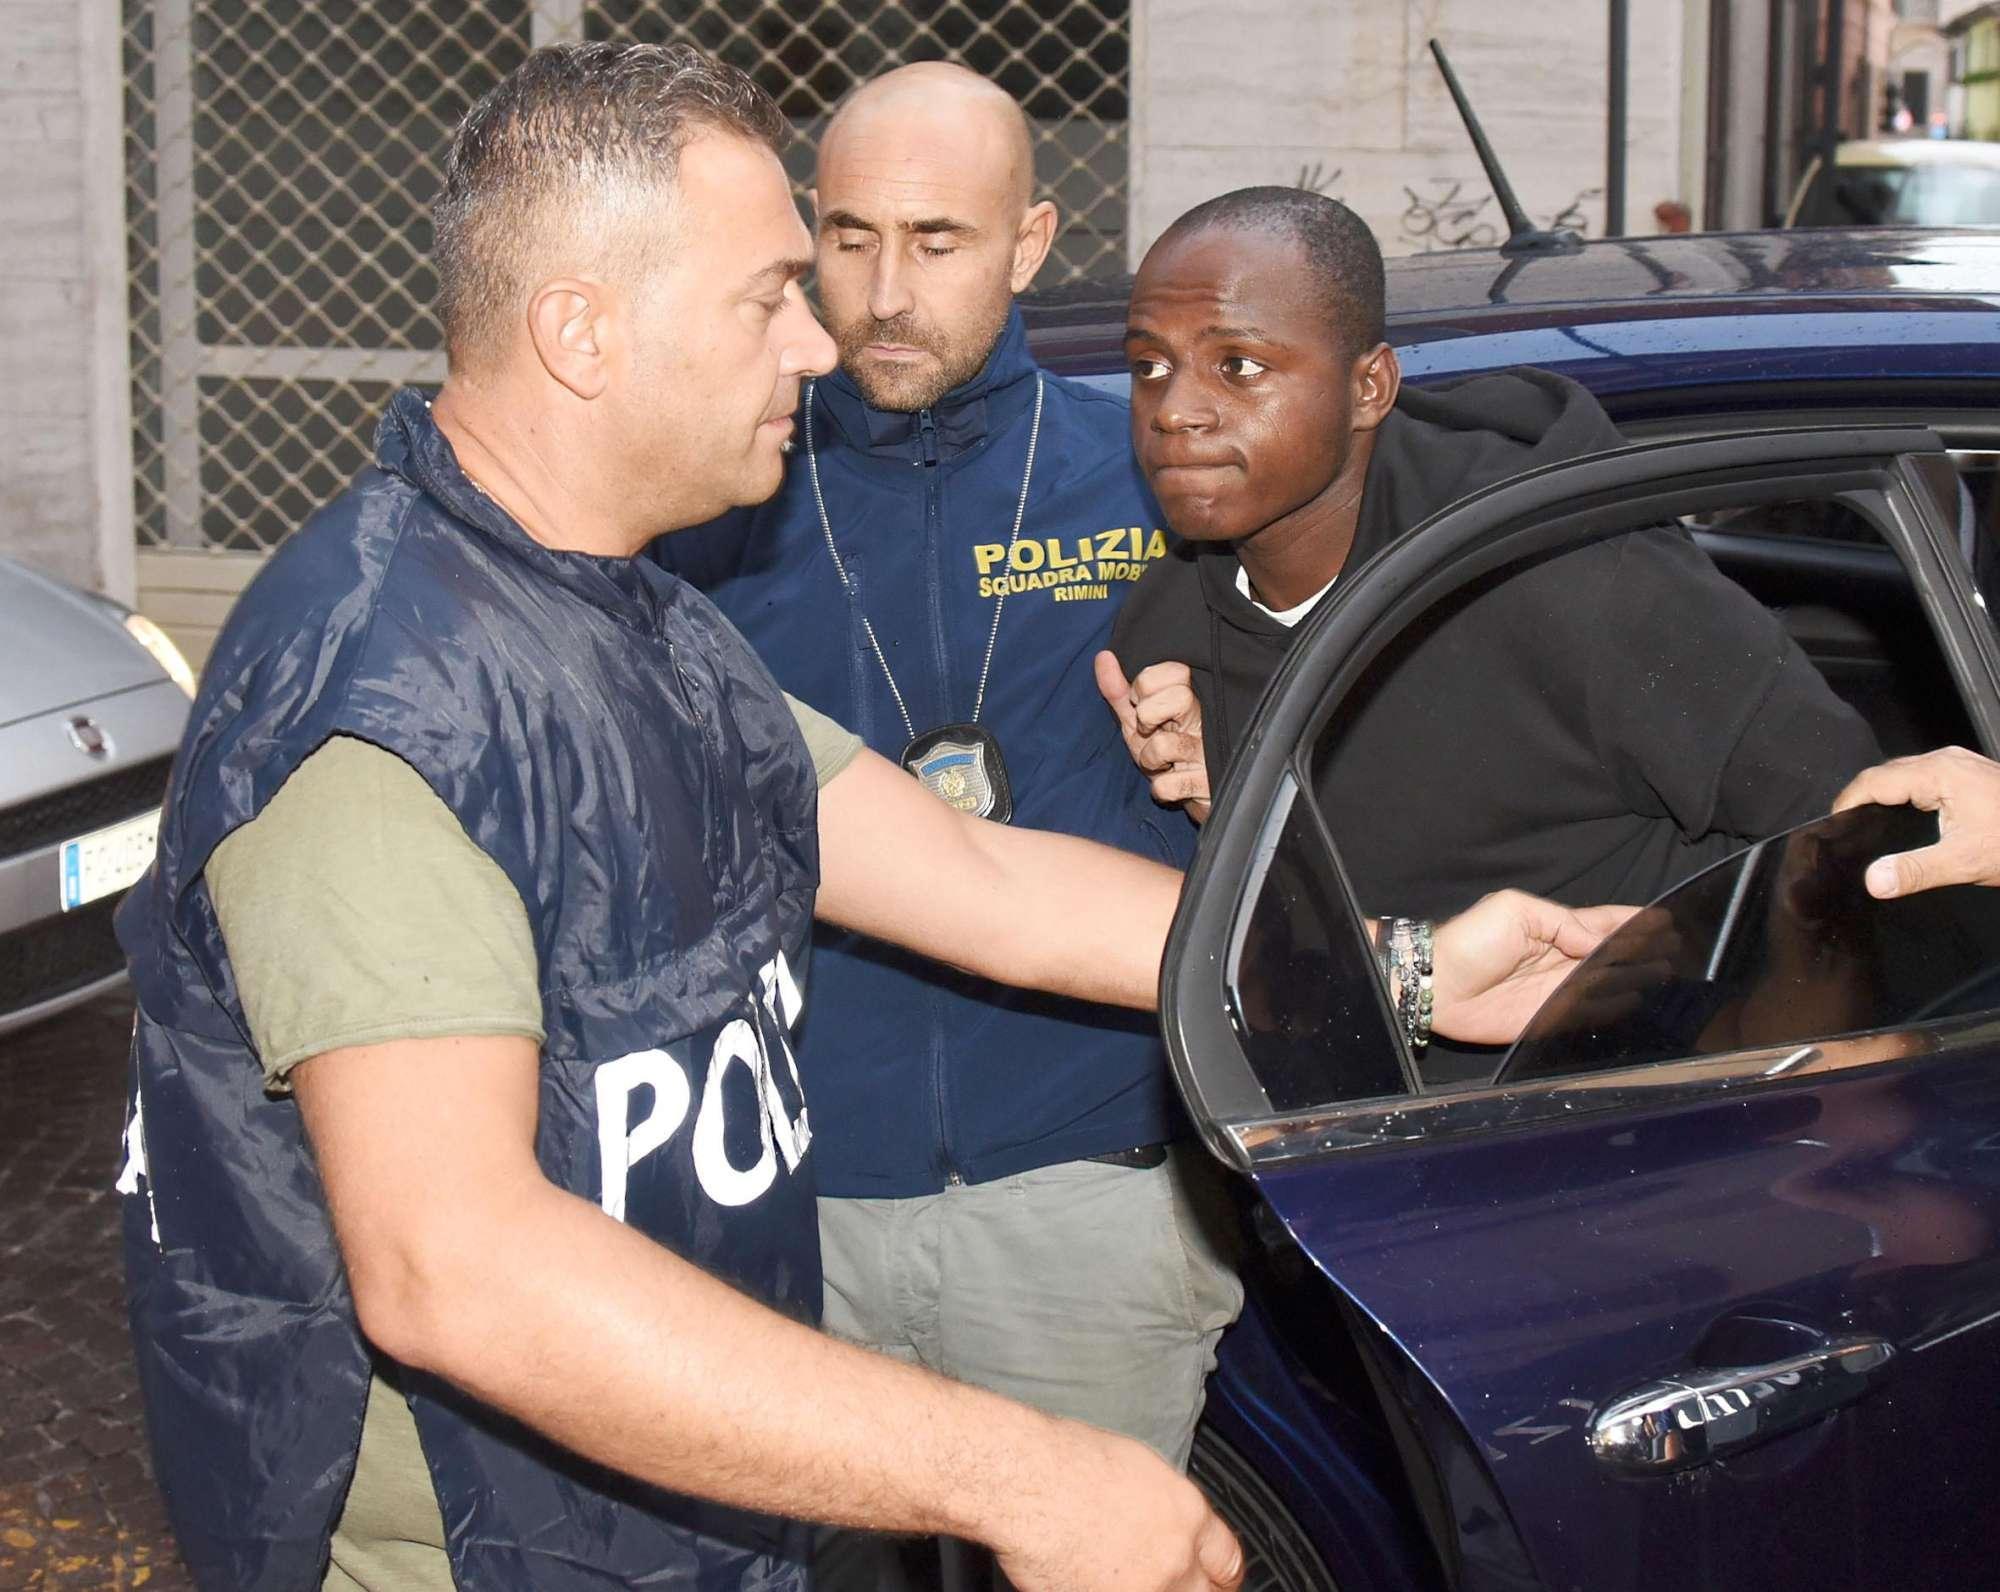 Stupri a Rimini, preso anche il quarto ricercato: è un 20enne congolese